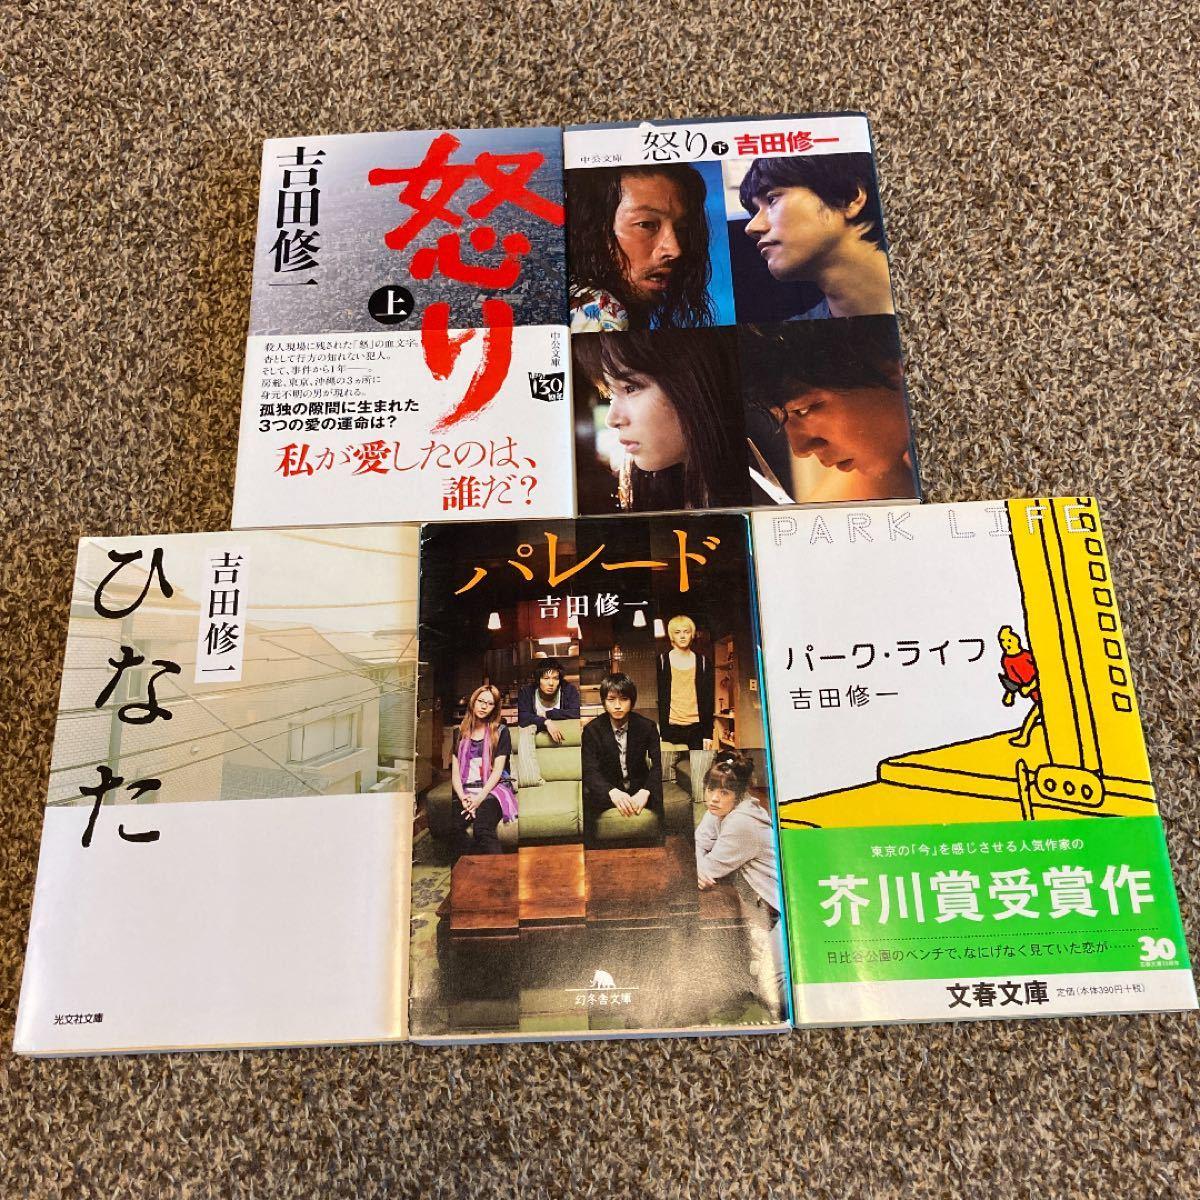 吉田修一 5冊セット 怒り上下、ひなた、パレード、パークライフ